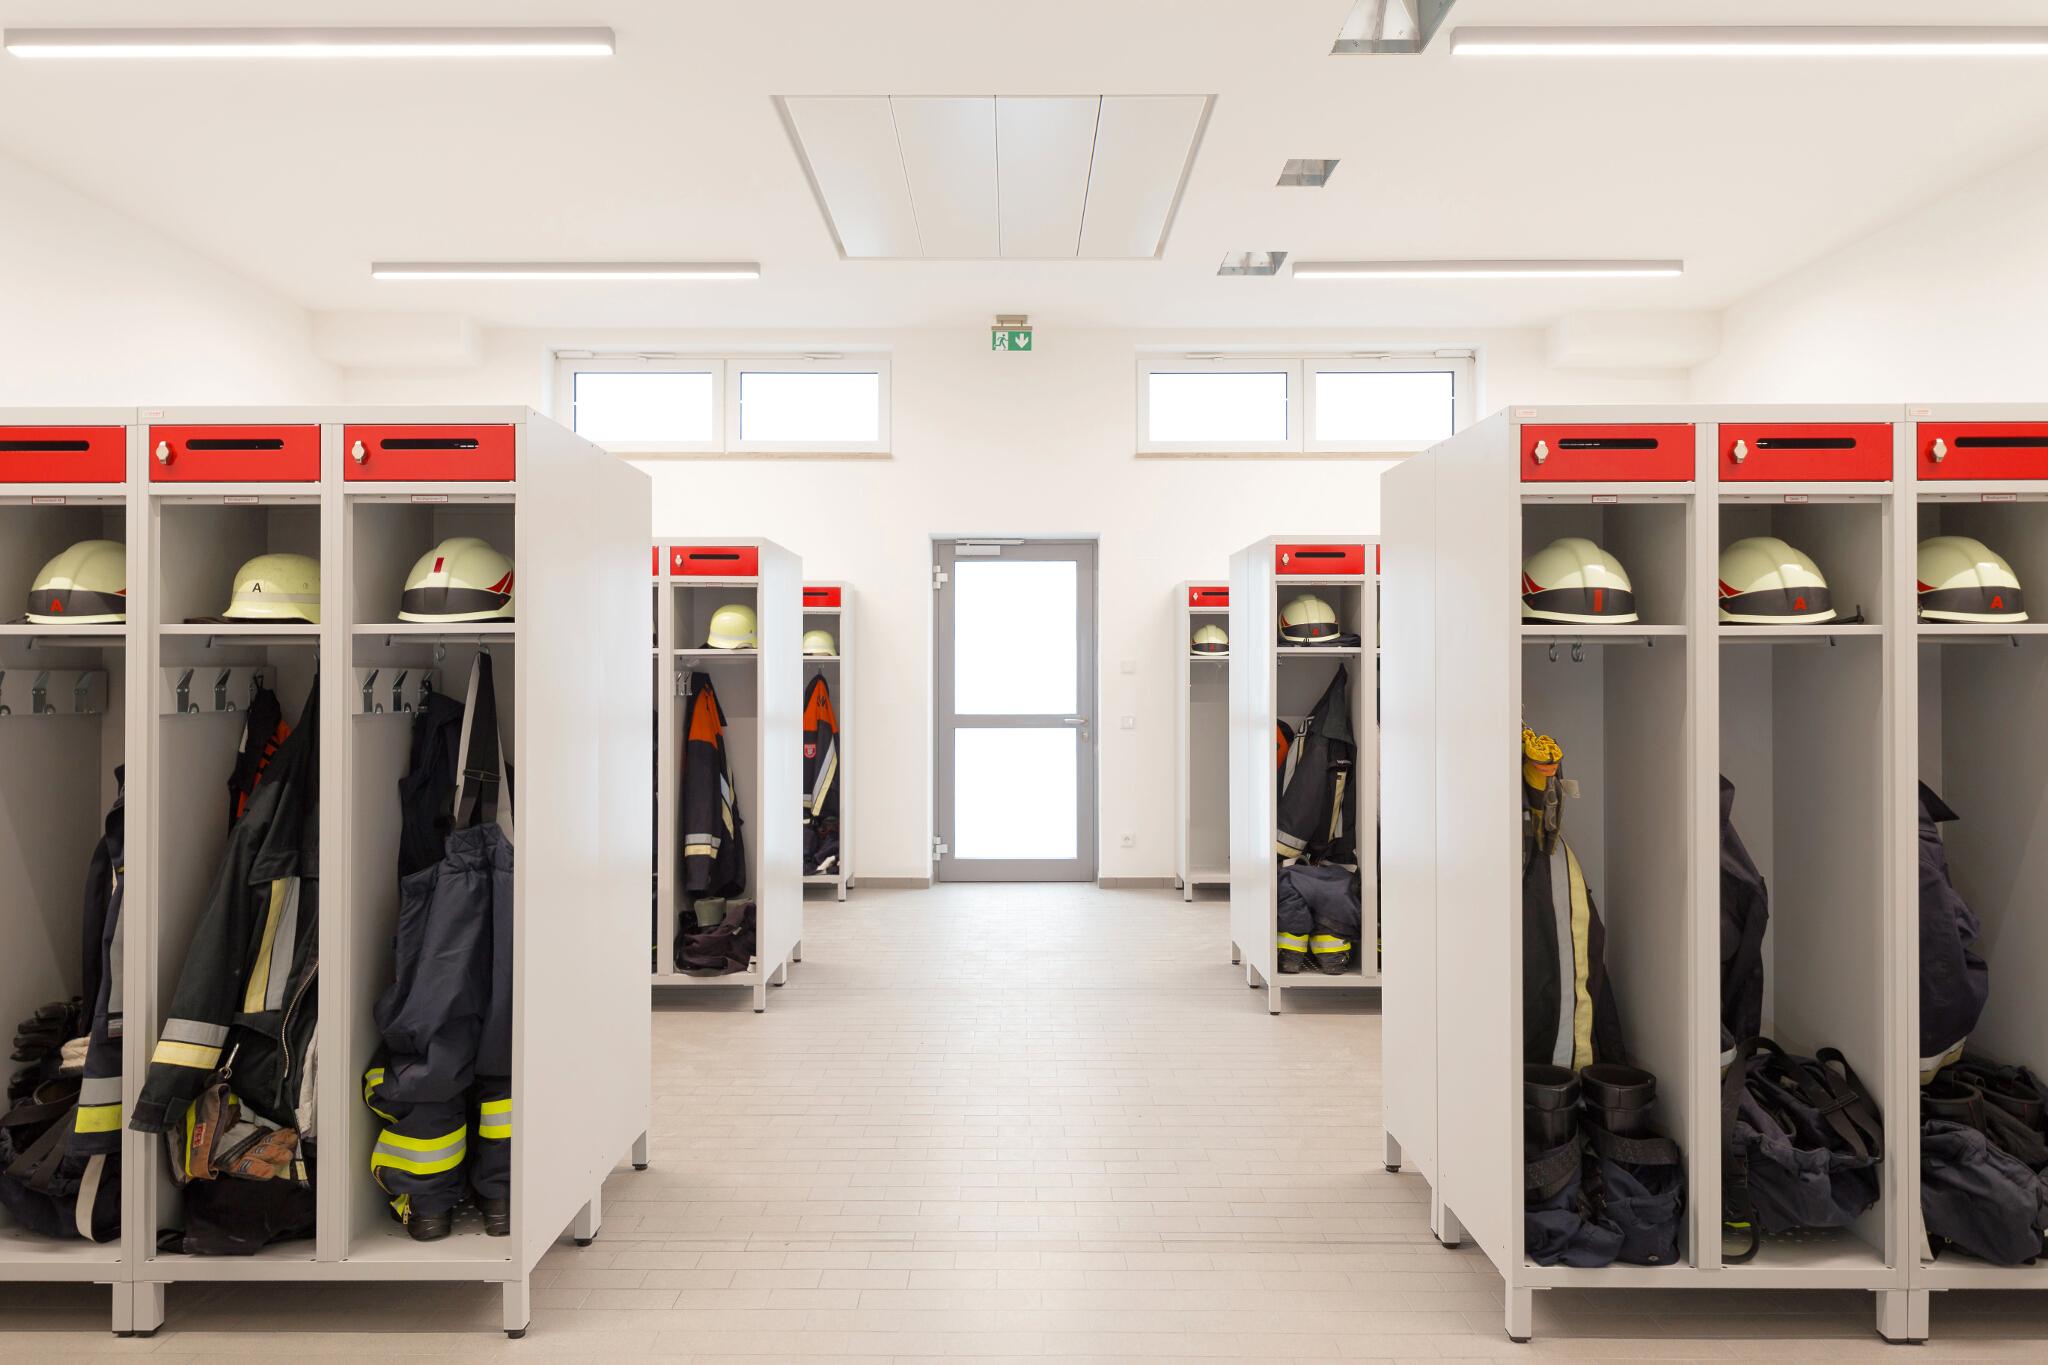 Feuerwehrspinde mit integriertem Helmfach für Feuerwehrumkleiden